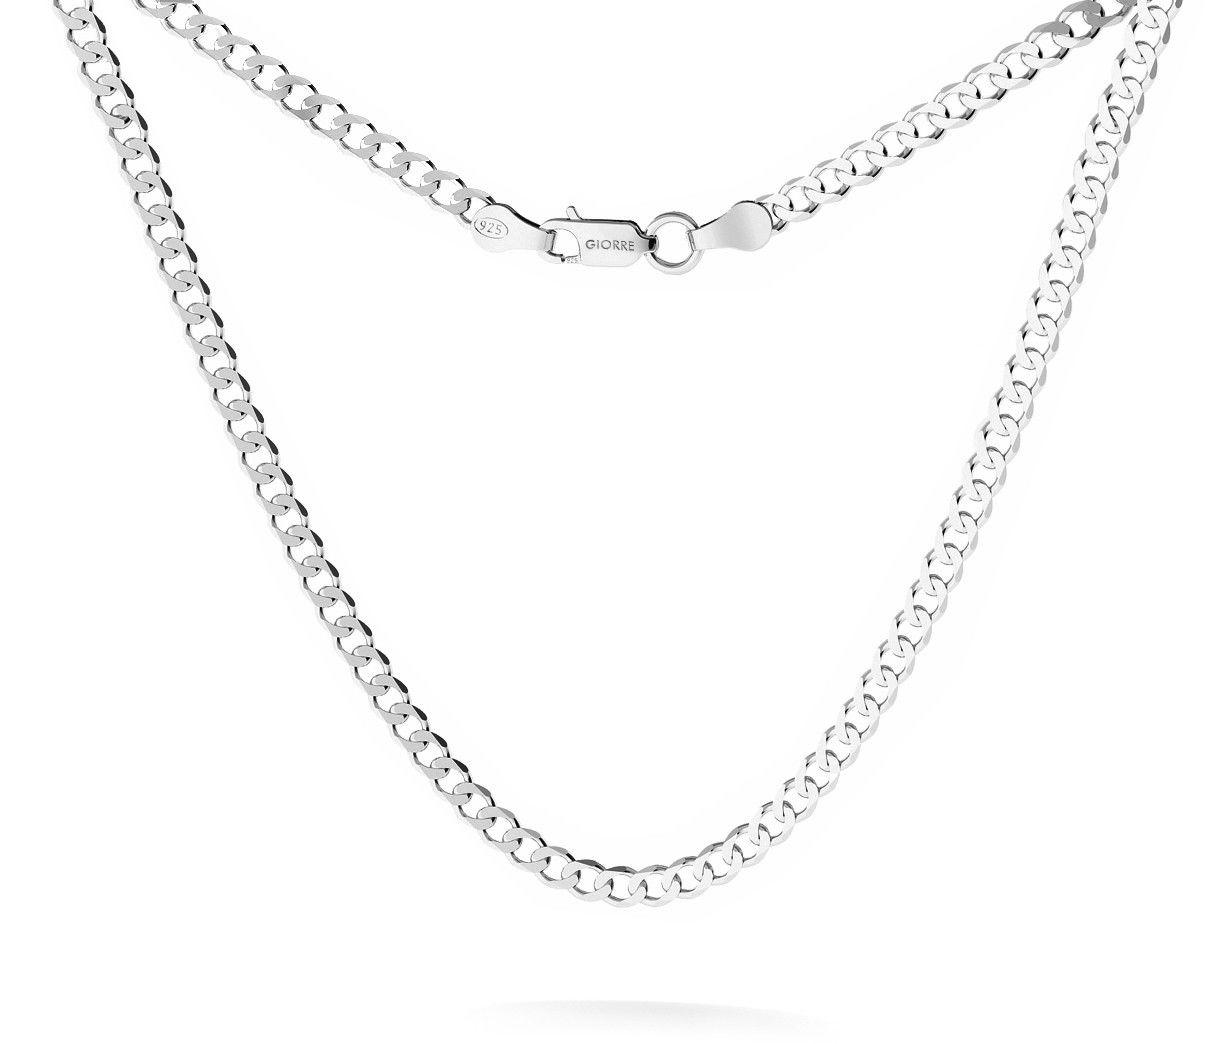 Męski łańcuszek pancerka, srebro 925 : Długość (cm) - 50, Srebro - kolor pokrycia - Pokrycie platyną